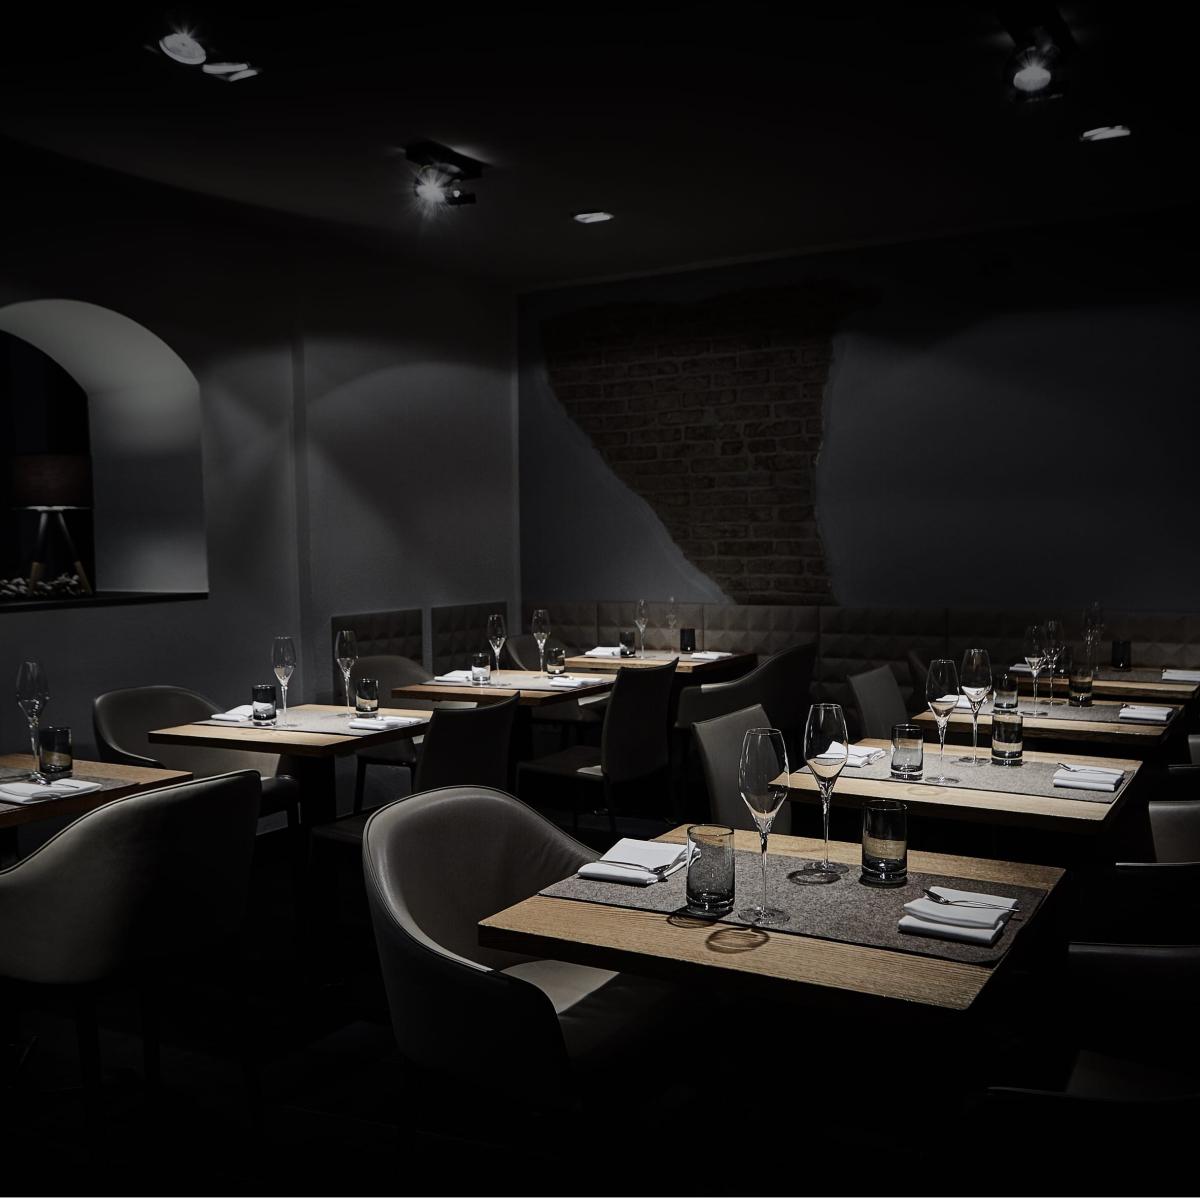 Showroom Restaurant München-Haidhausen 2